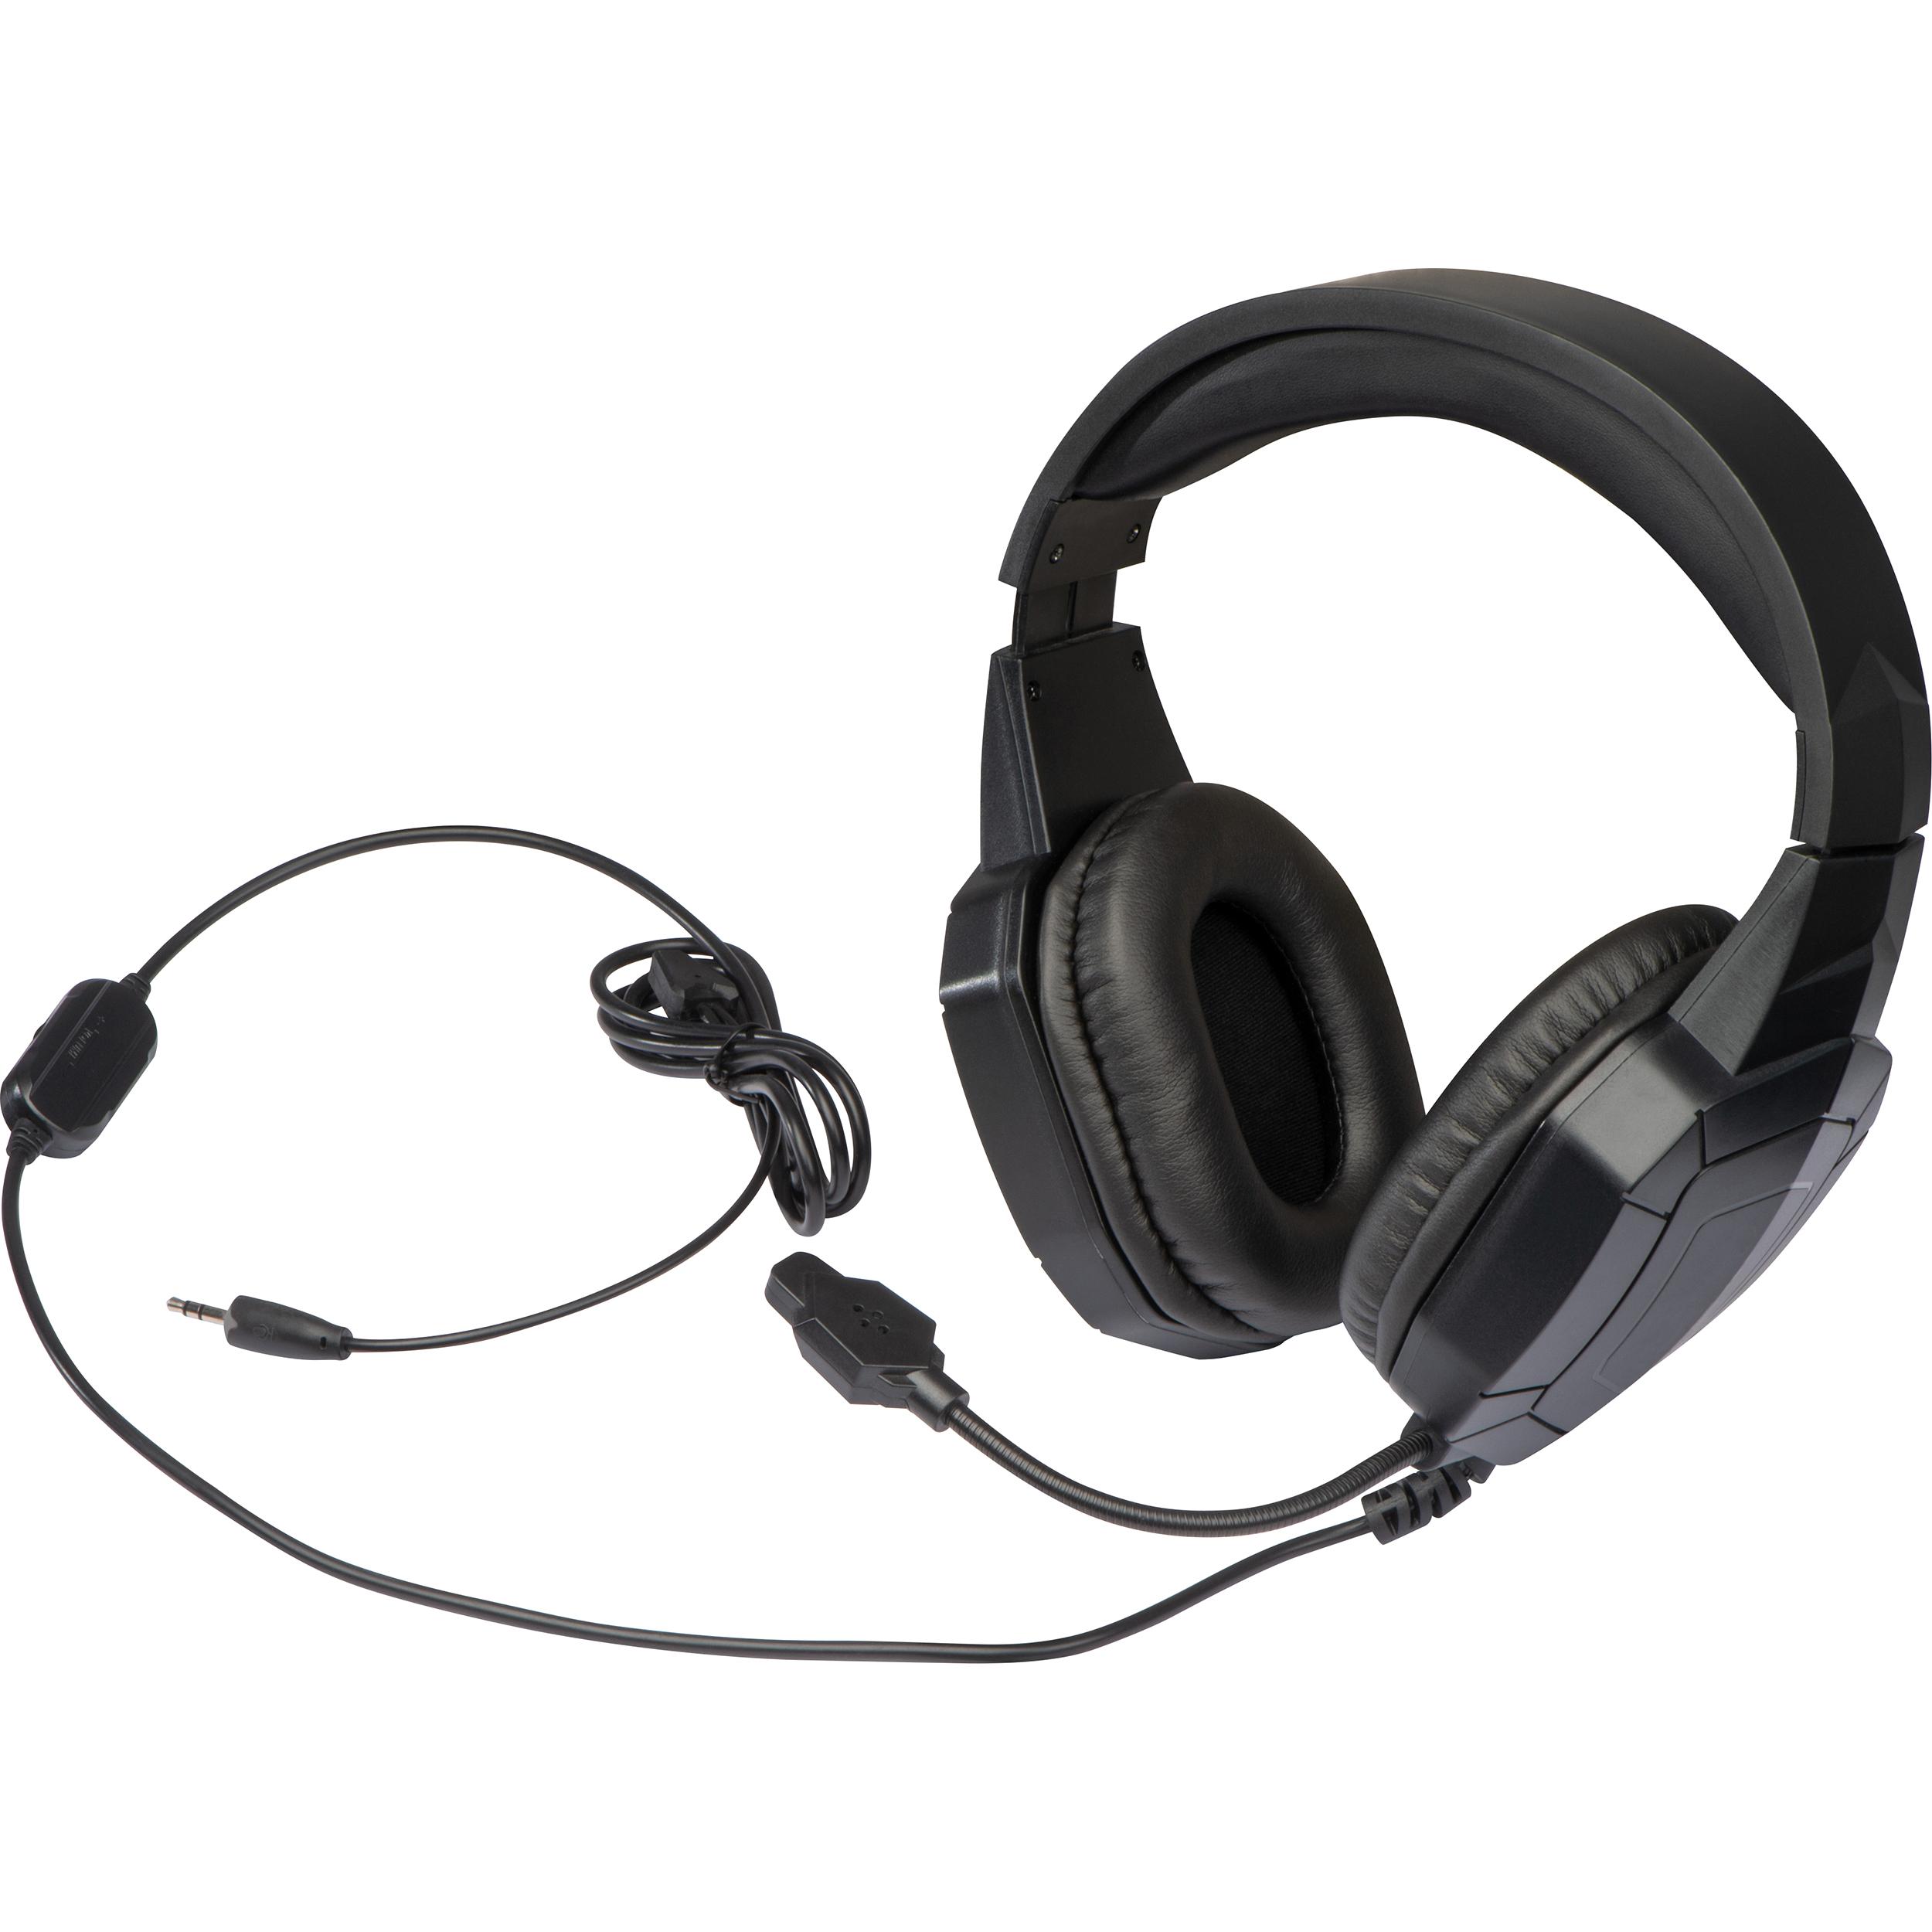 Headset mit Mikrofon